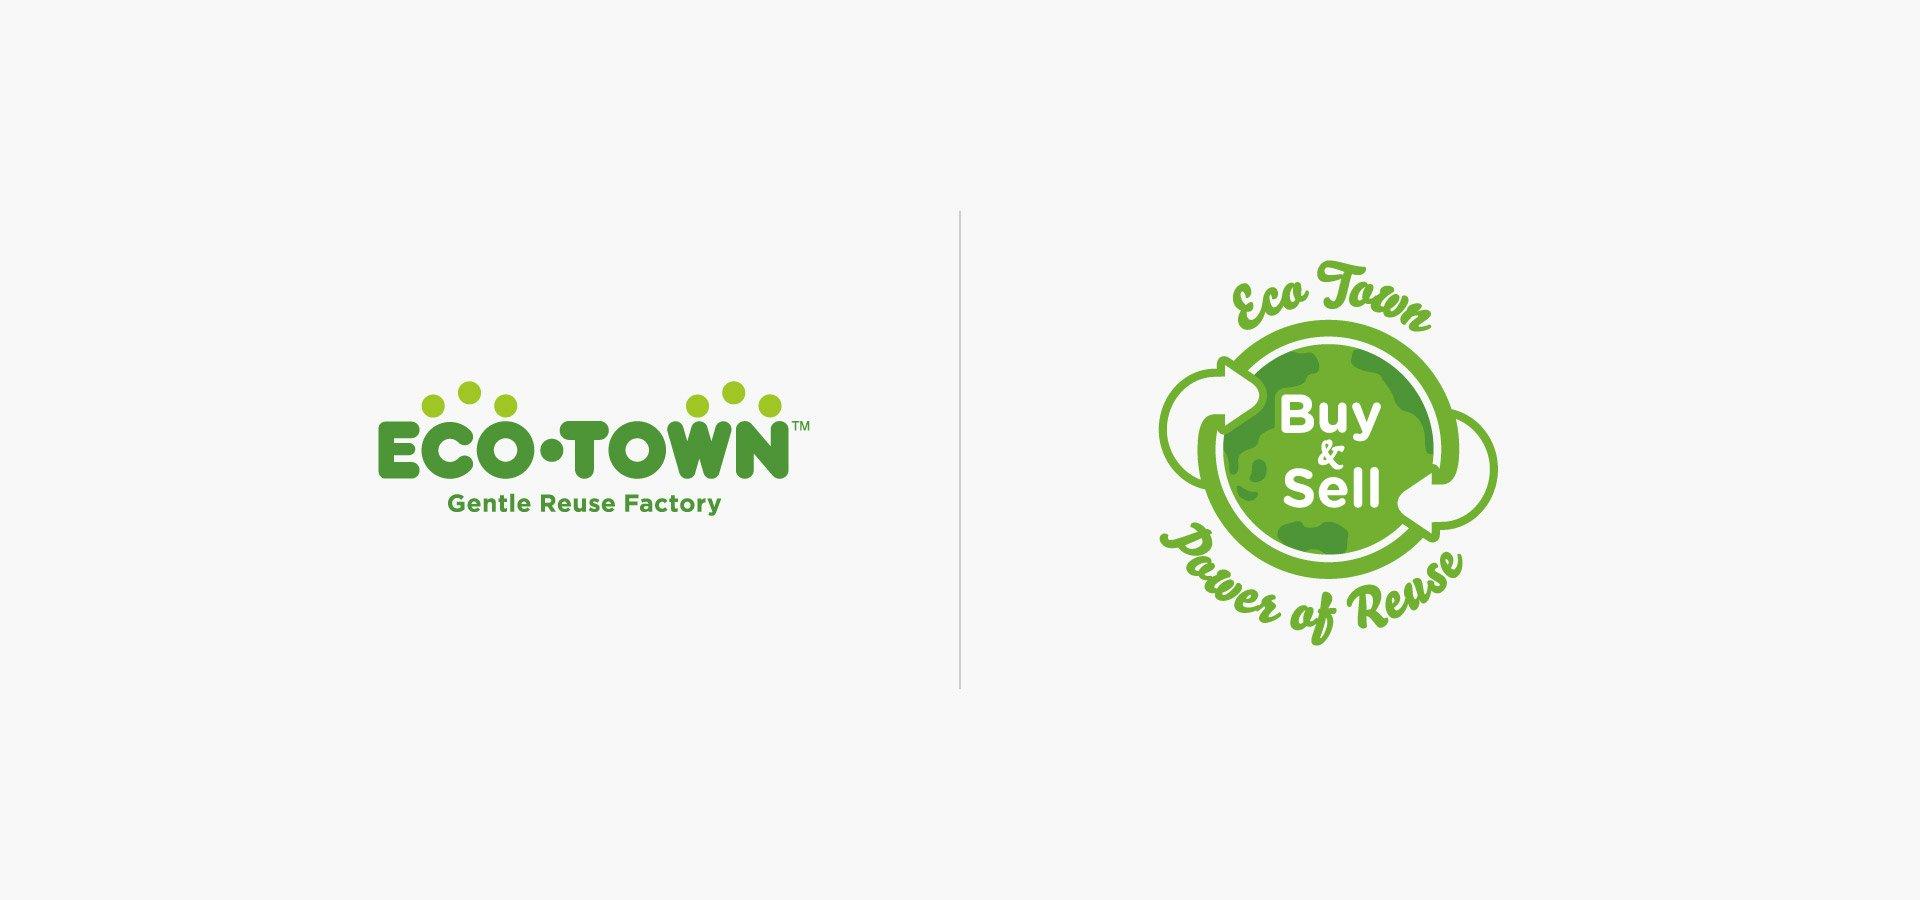 ecotown_logo_title-web